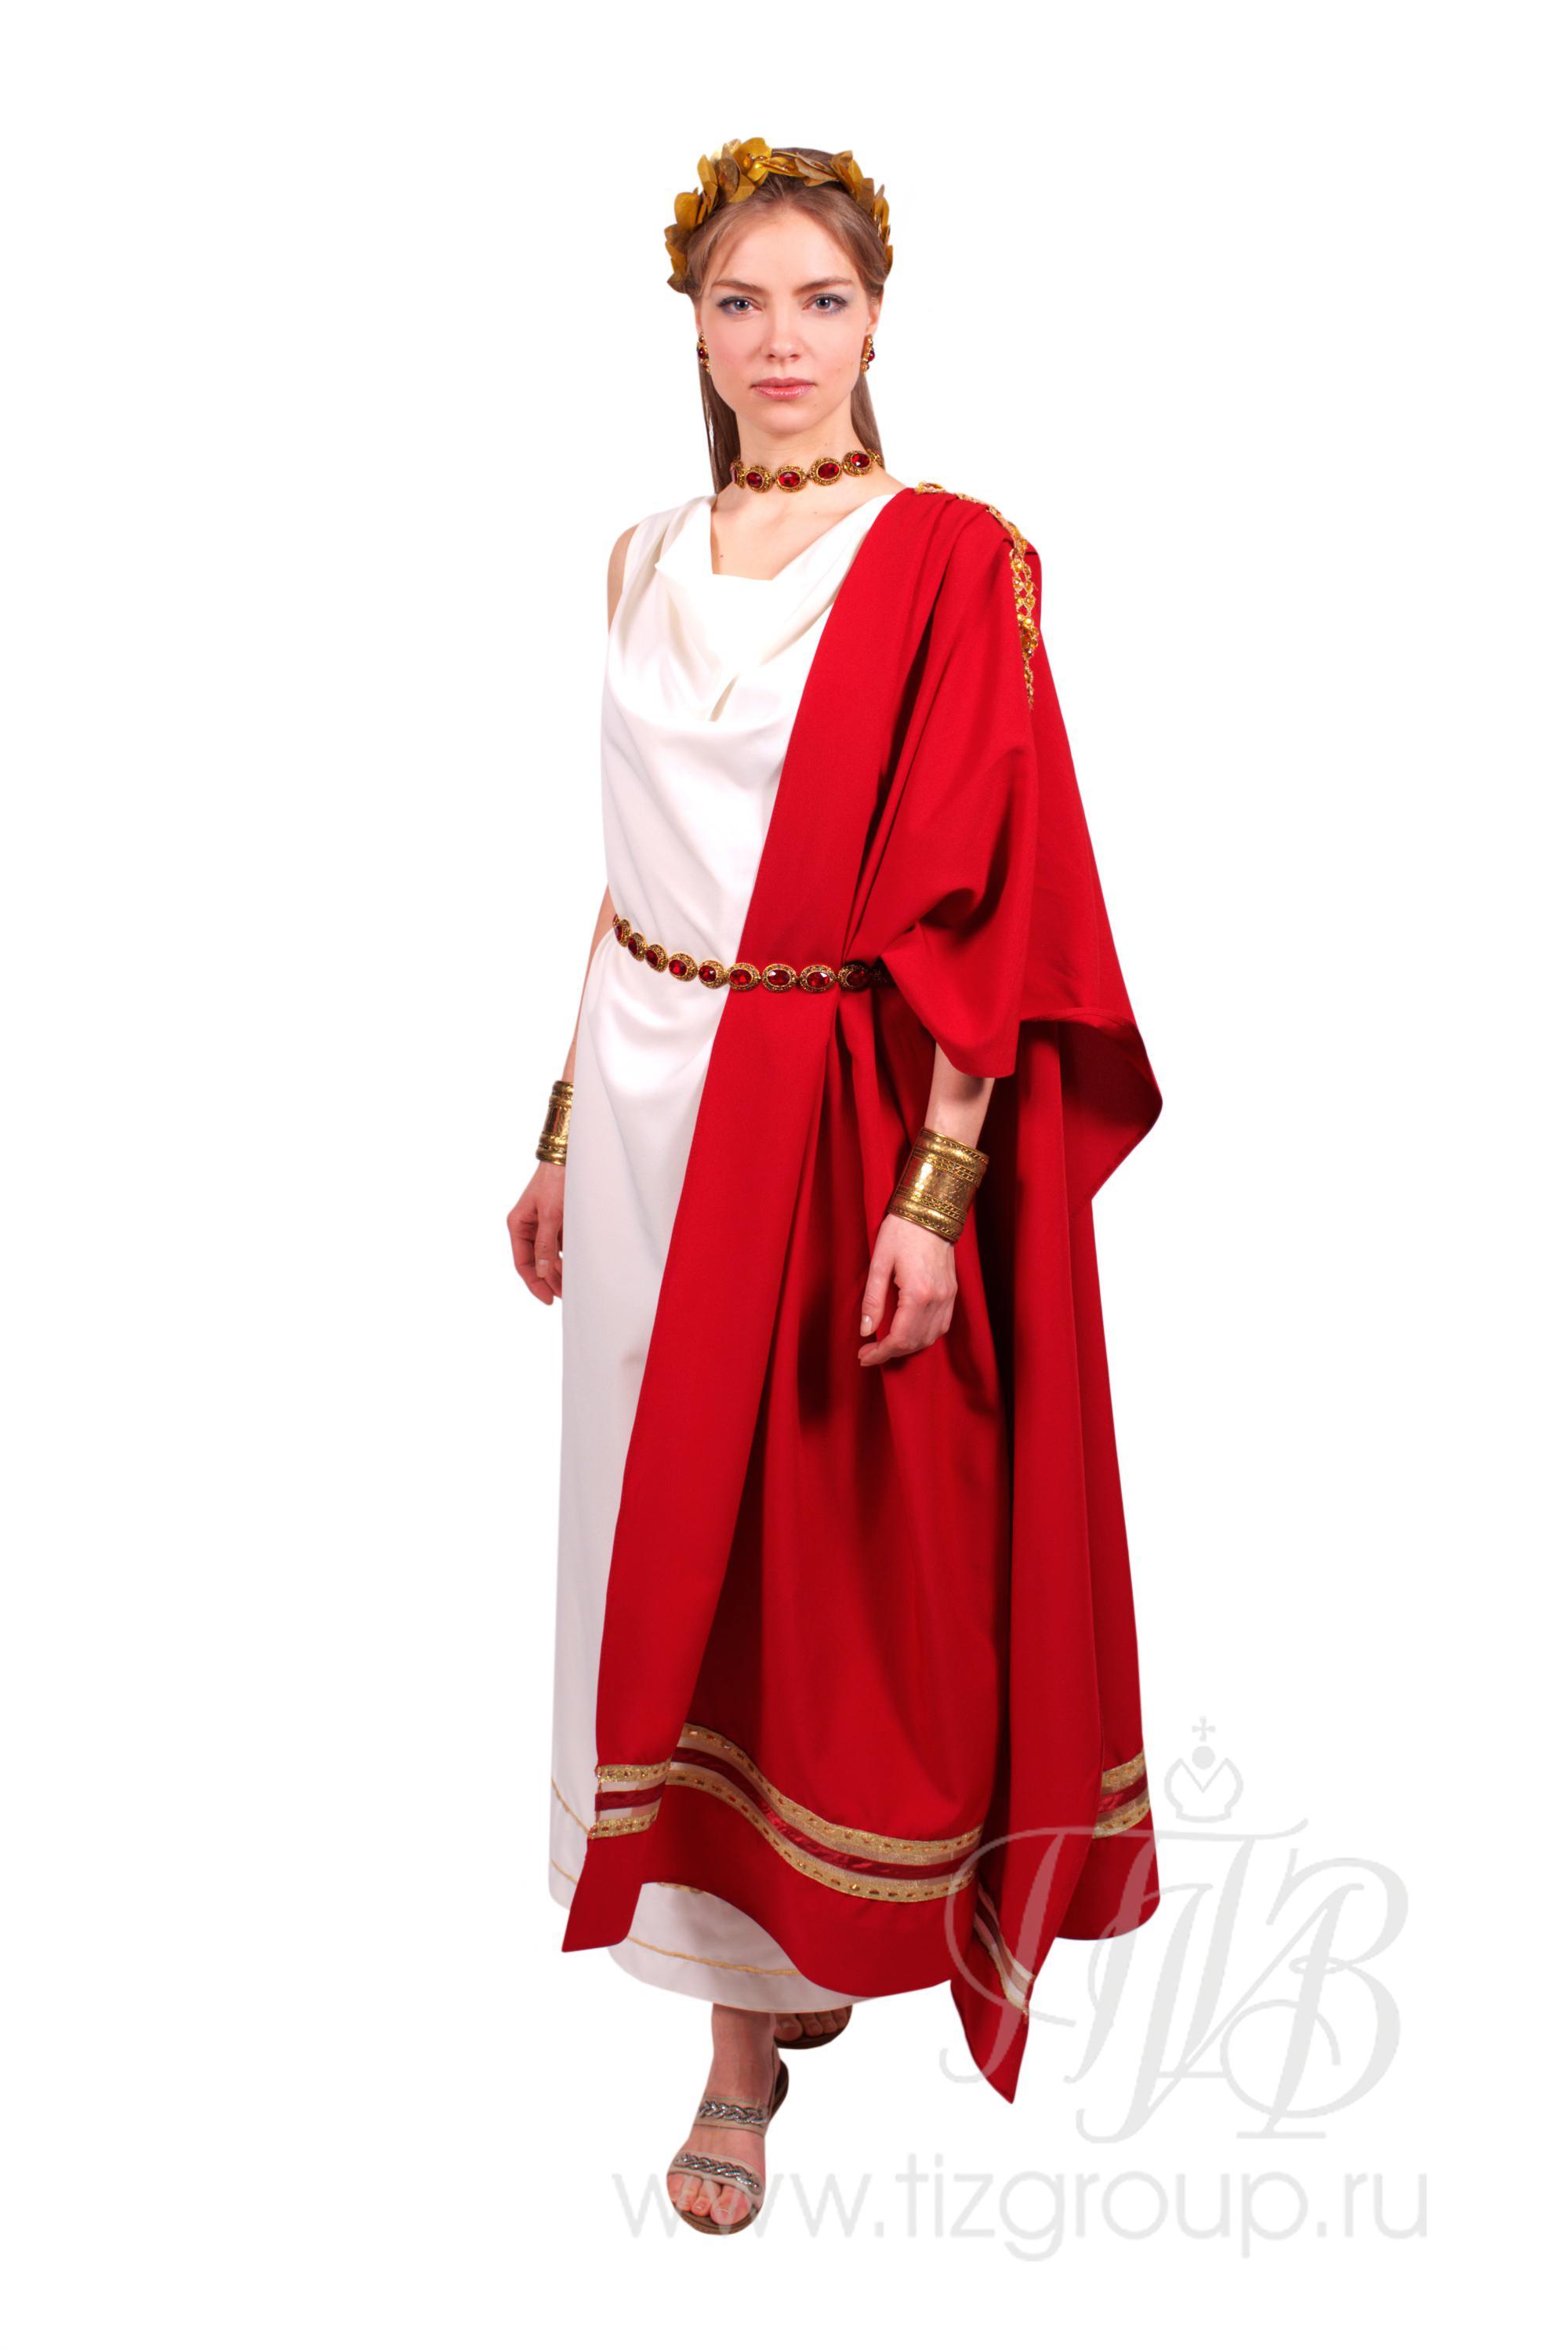 Купить платье в санкт петербурге